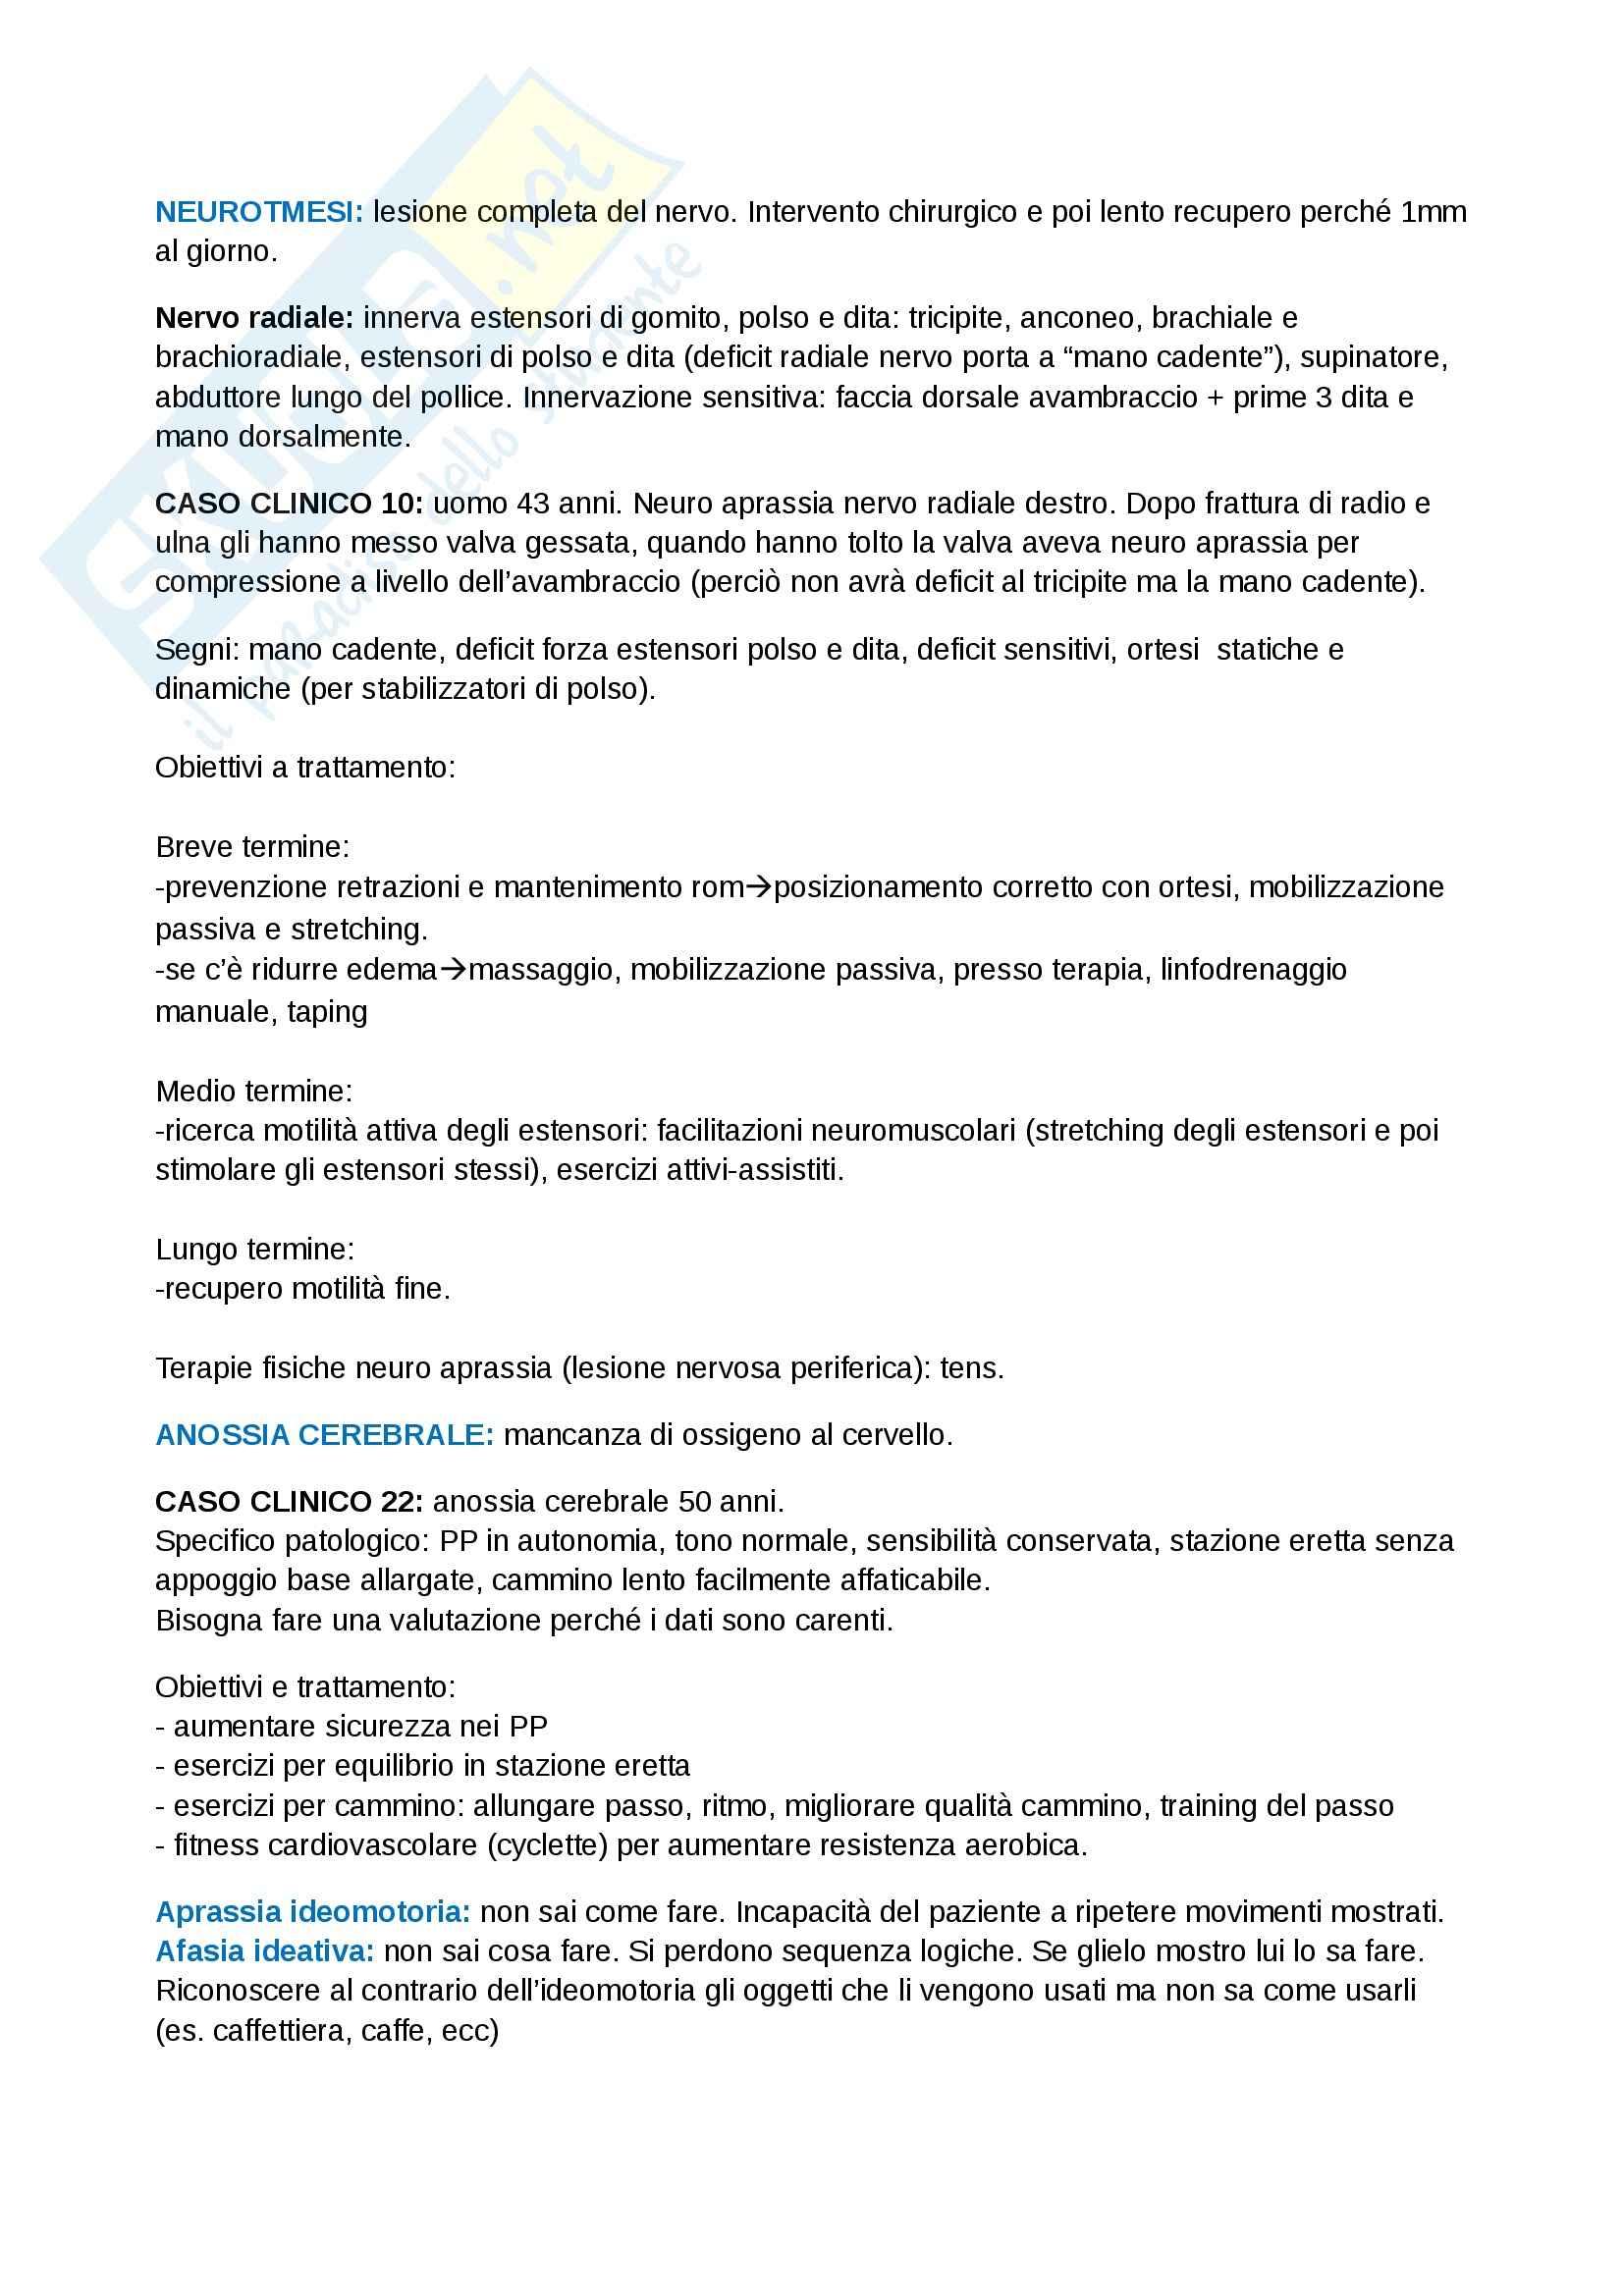 Riabilitazione neurologica - risoluzione dei casi clinici neurologici Pag. 6